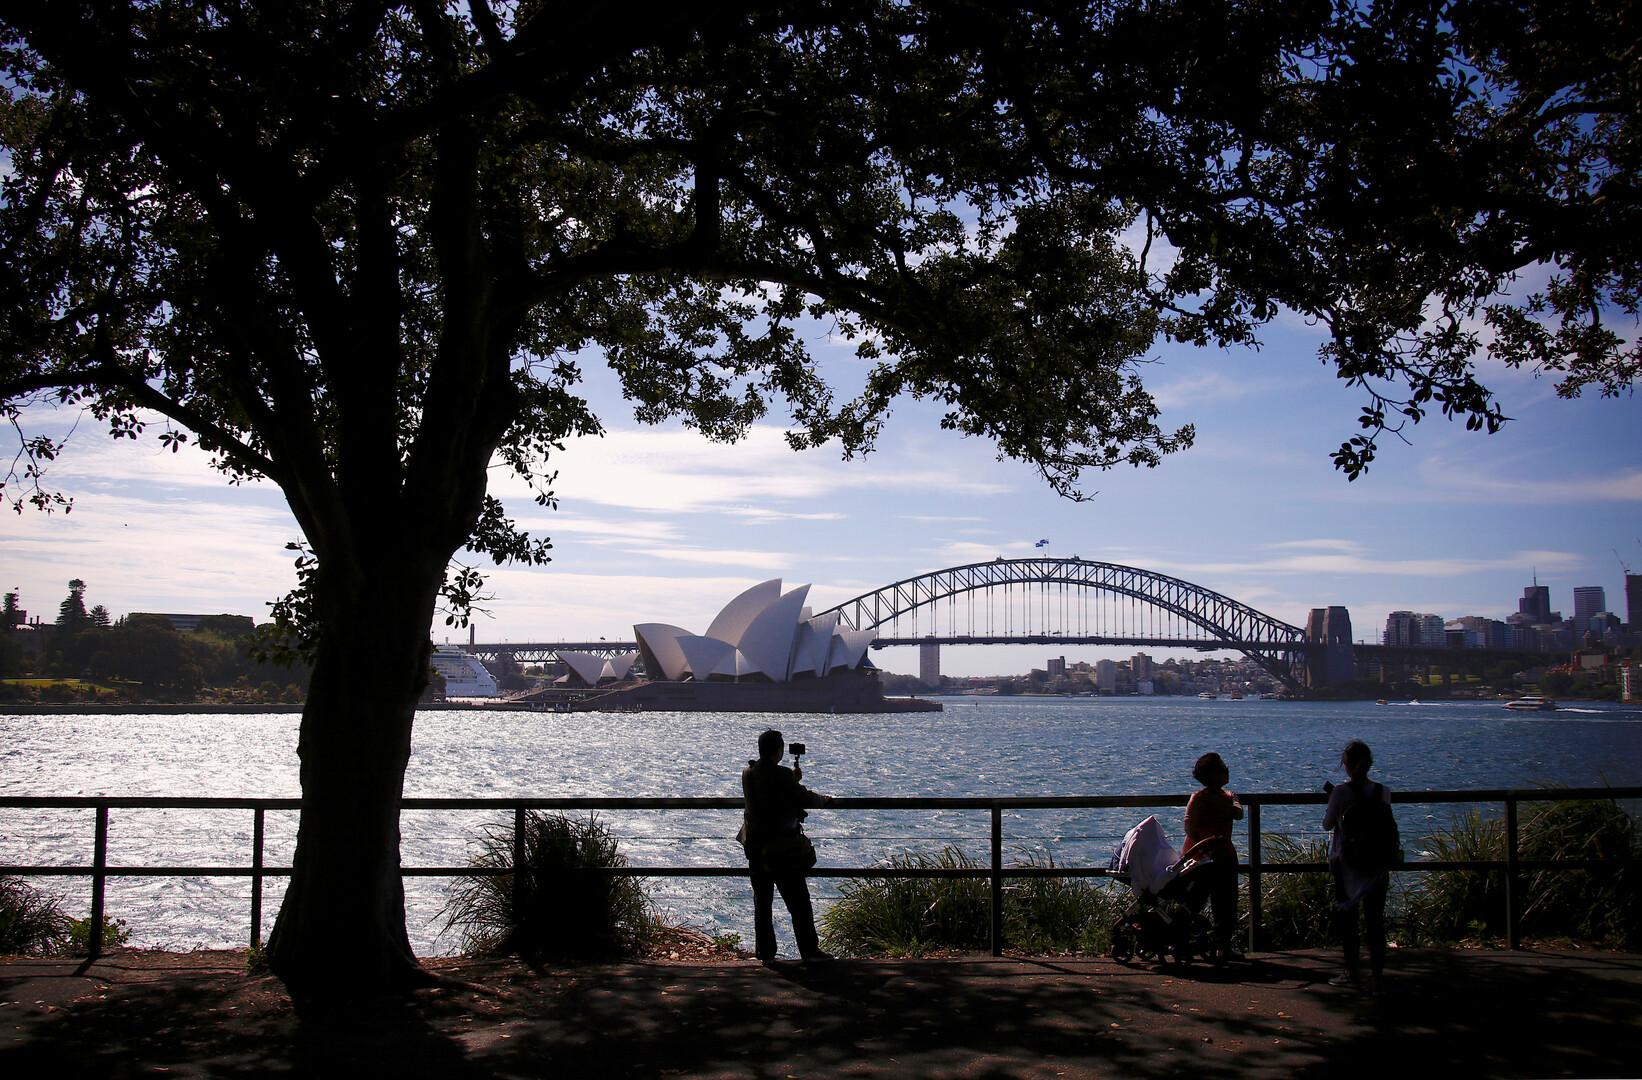 أستراليا تنفي تسليم طالب إيراني للولايات المتحدة